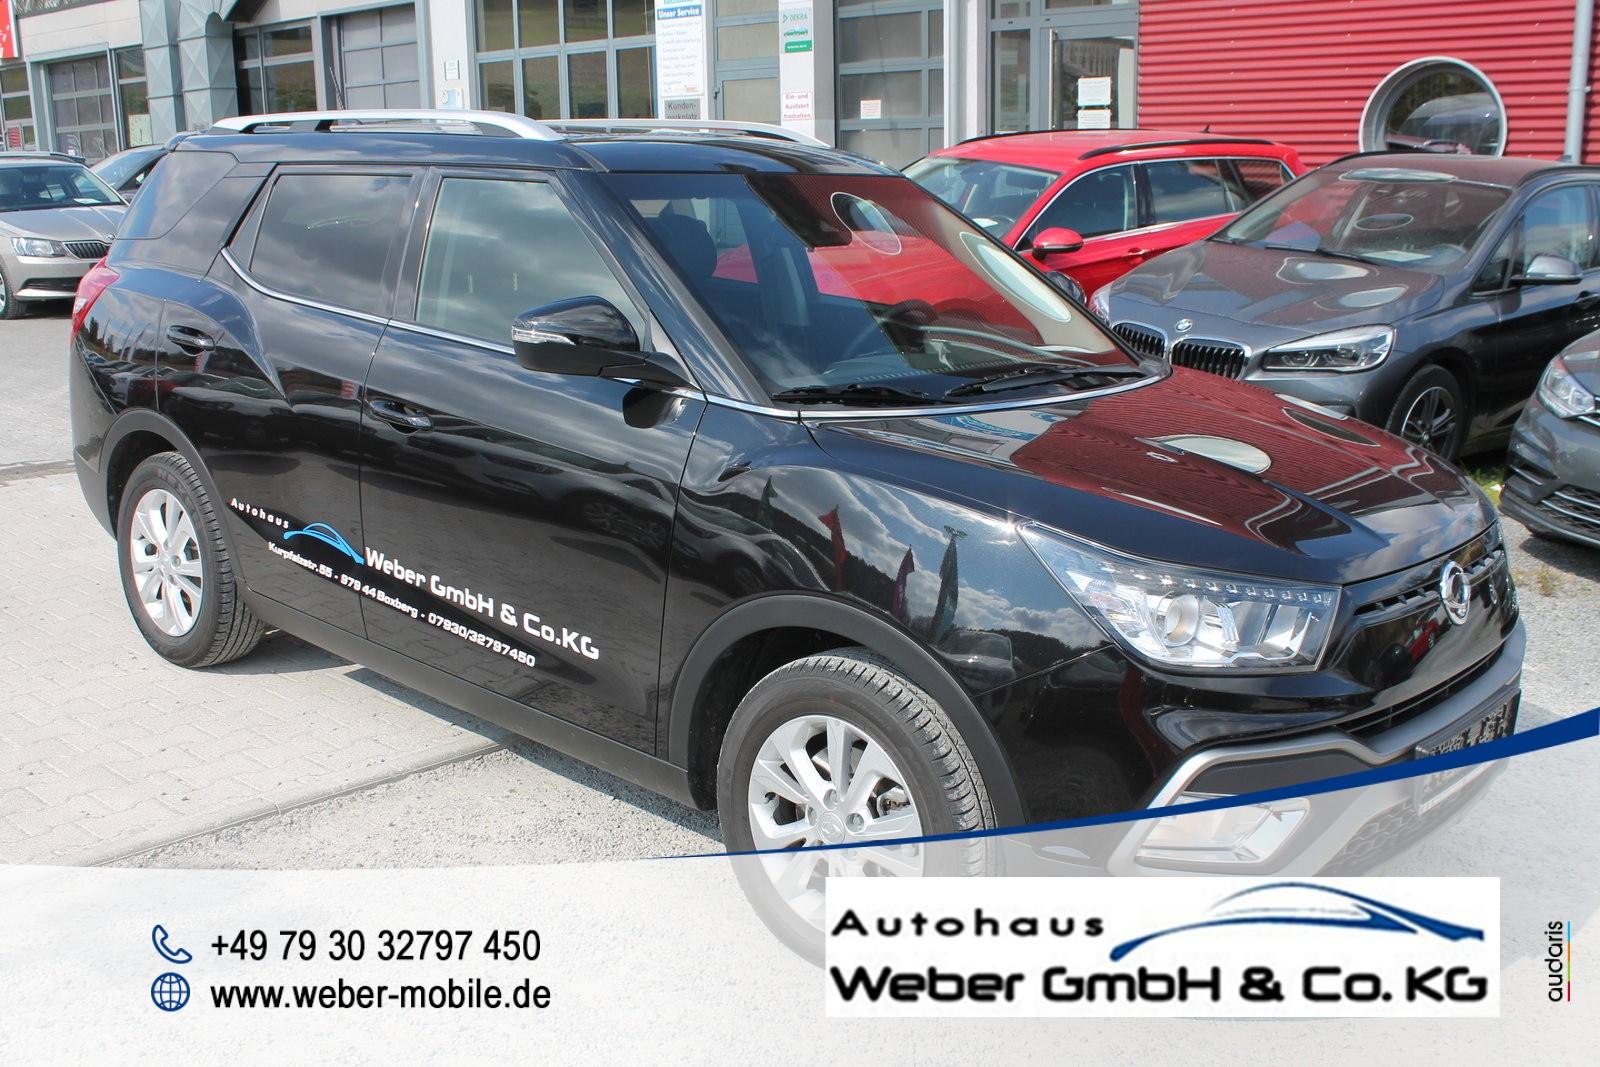 Ssangyong XLV 1.6 P *Urban*6AT*2WD*Tempomat*WLTP*Einparkhilfe hinten mit Kamera*, Jahr 2019, Benzin